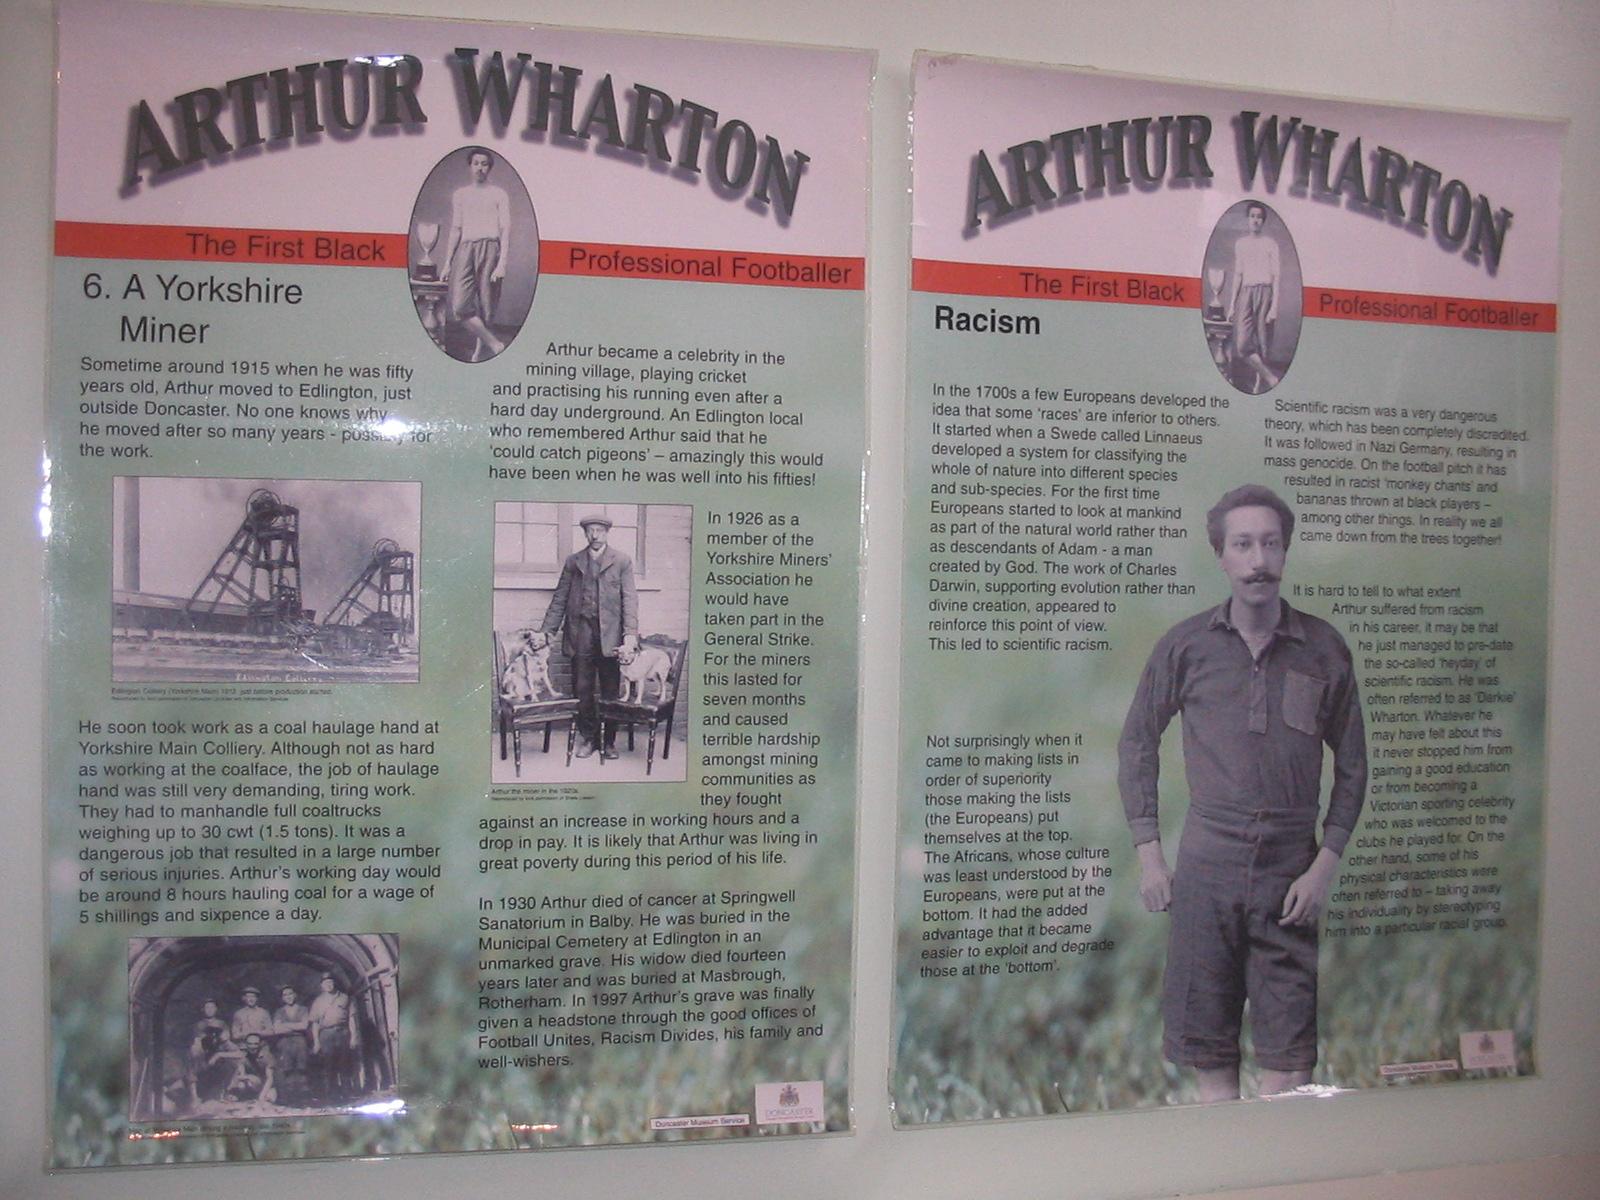 Arthur Wharton Doncaster Museum exhibition panels - 2 panels from the Arthur Wharton exhibition produced by Doncaster Museum.